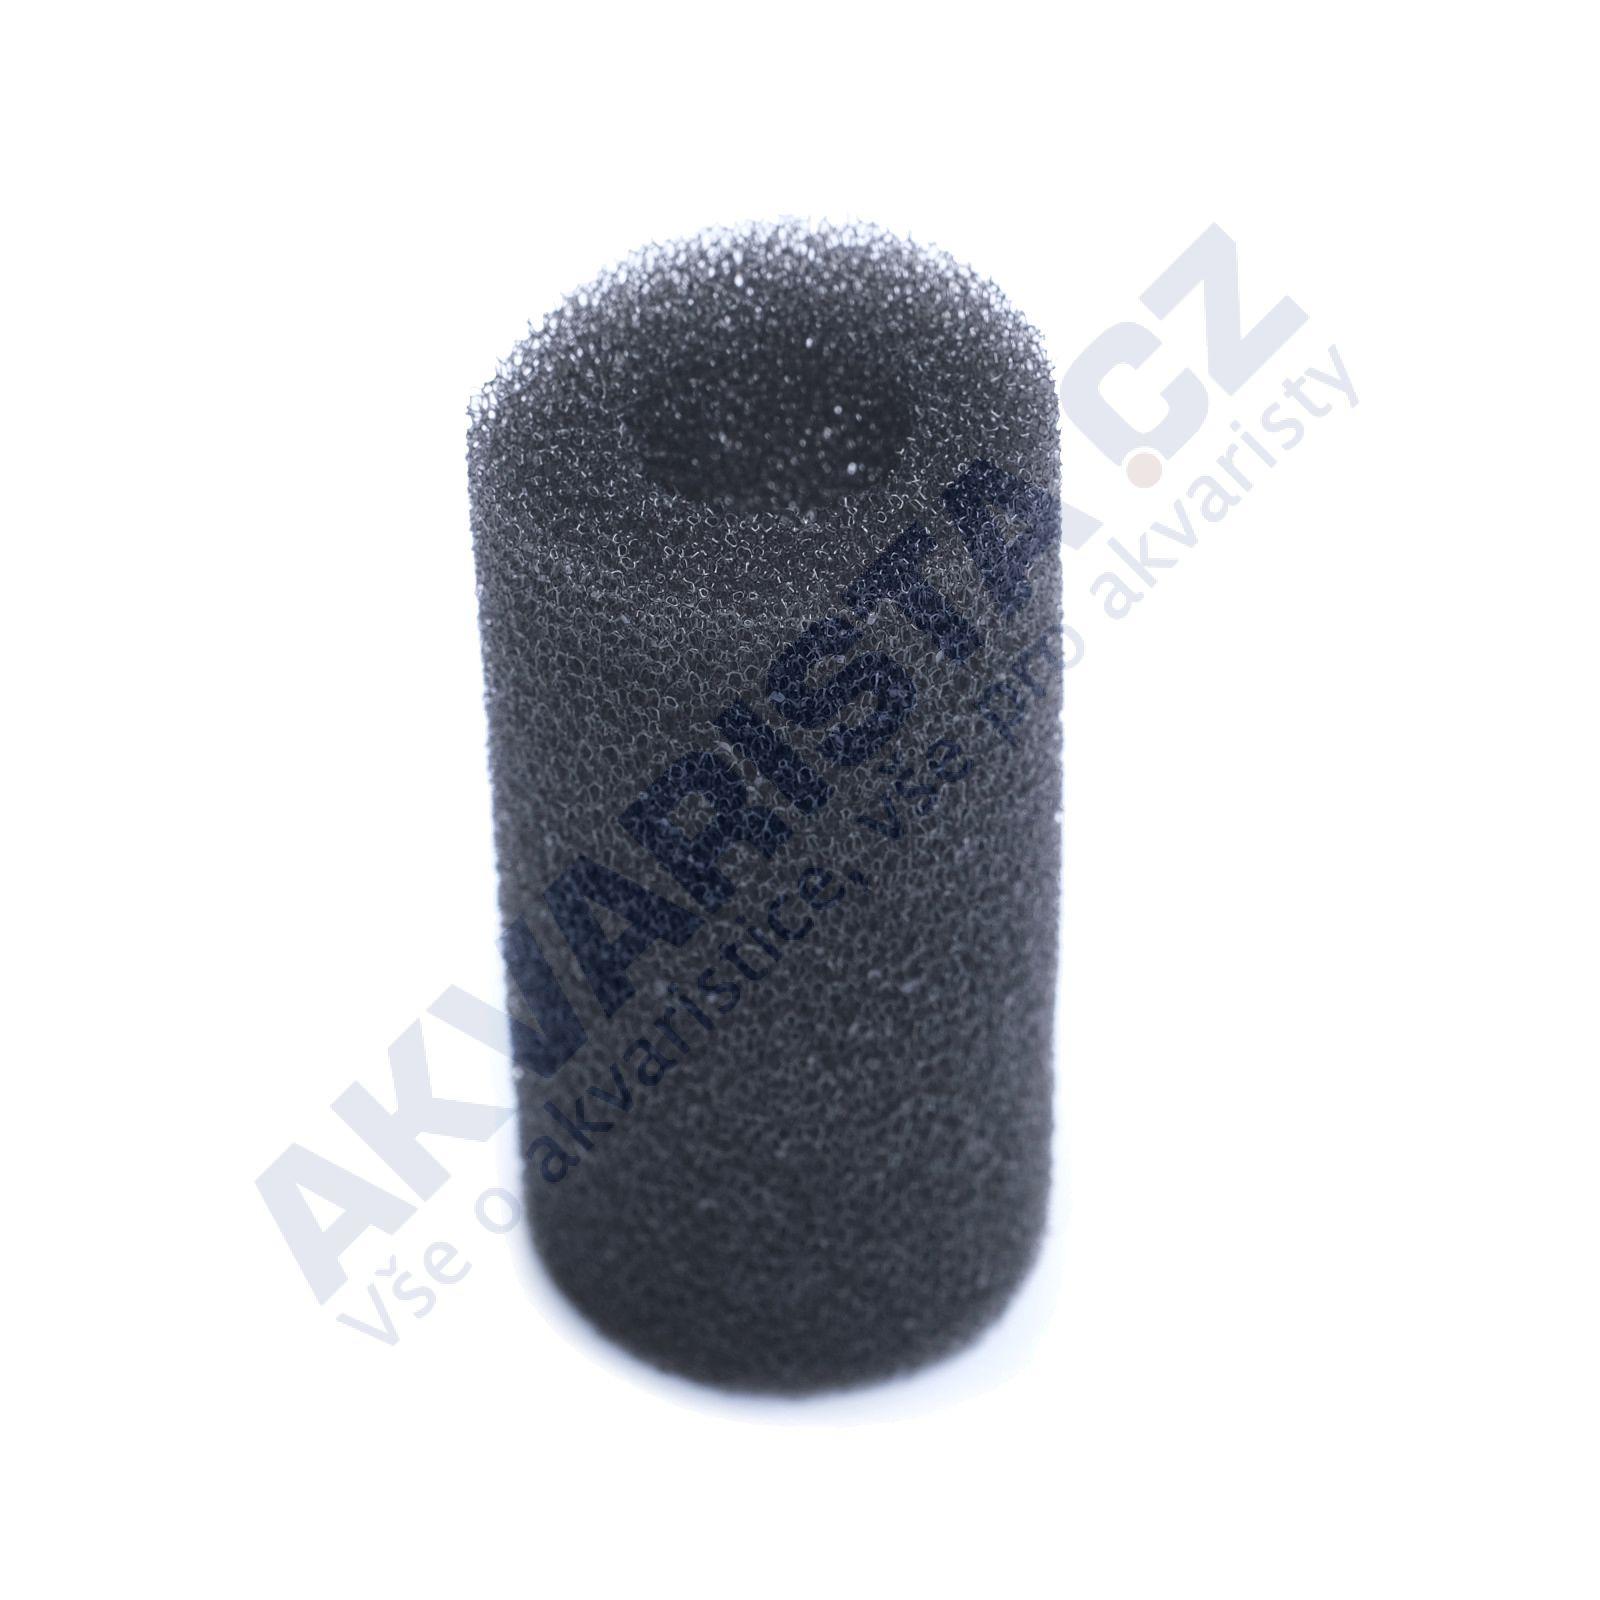 AKVARISTA.cz Předfiltrační černý biomolitan na sání filtru nebo čerpadla, velký (8cm)